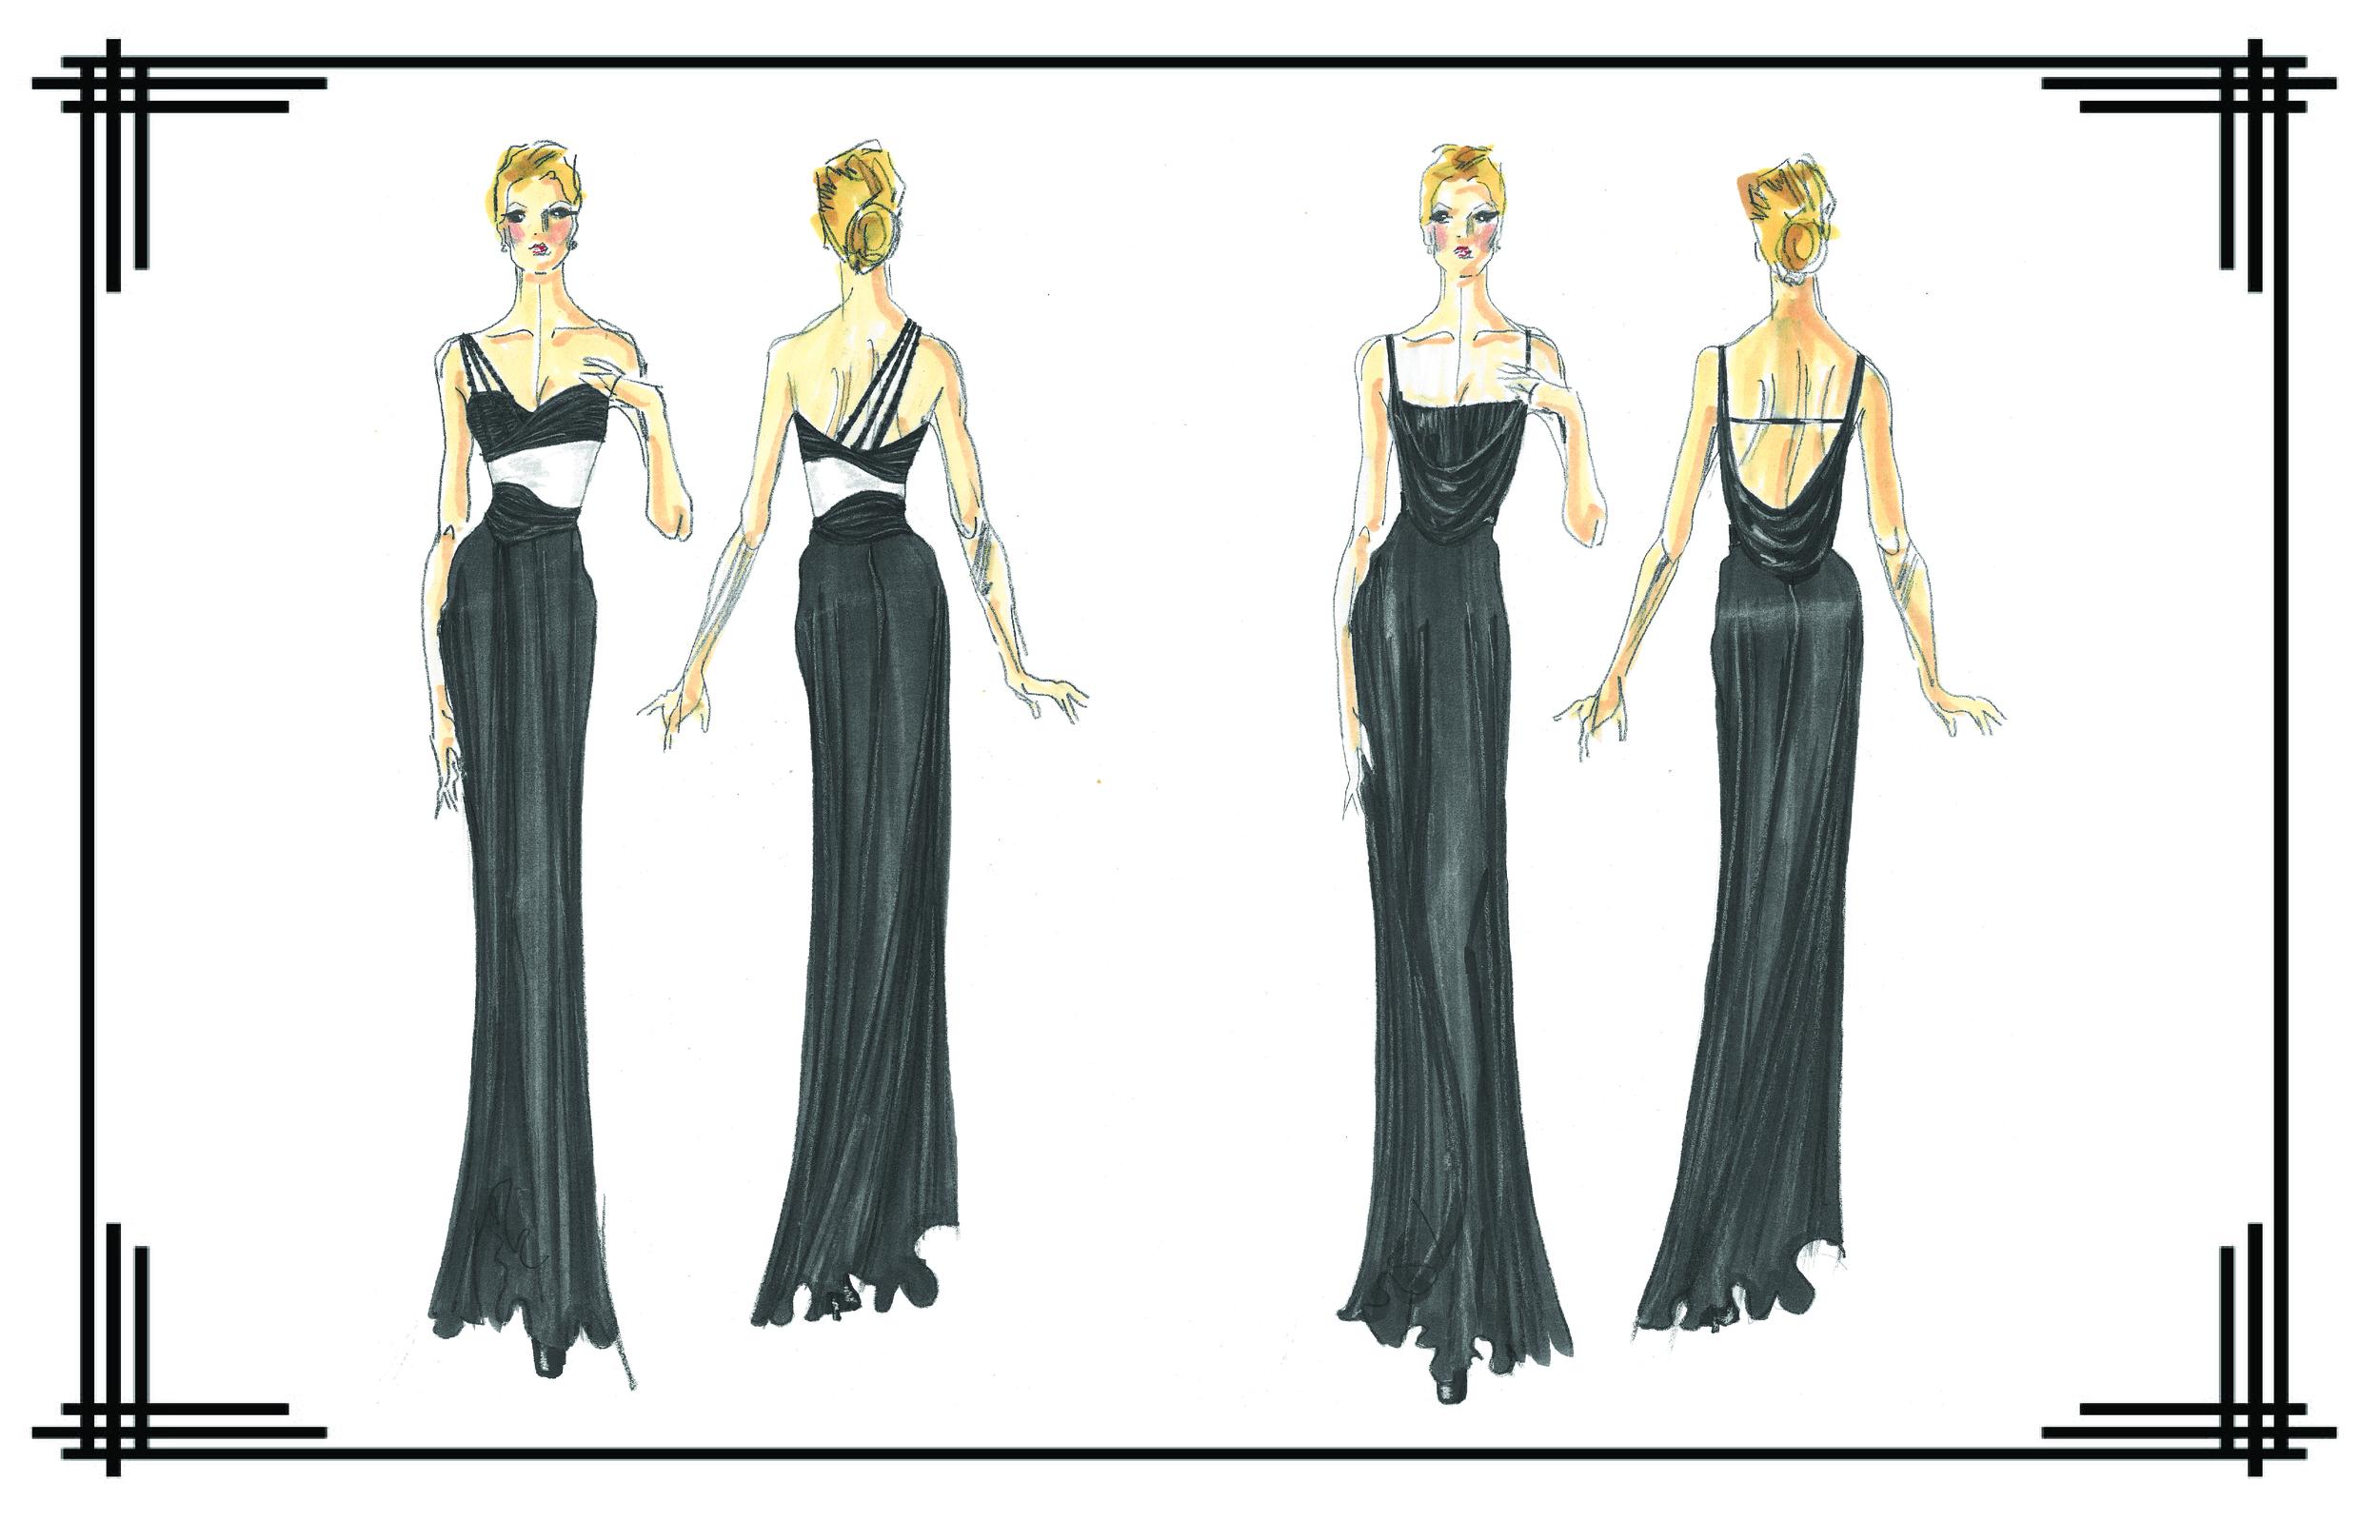 Designs 1 & 2